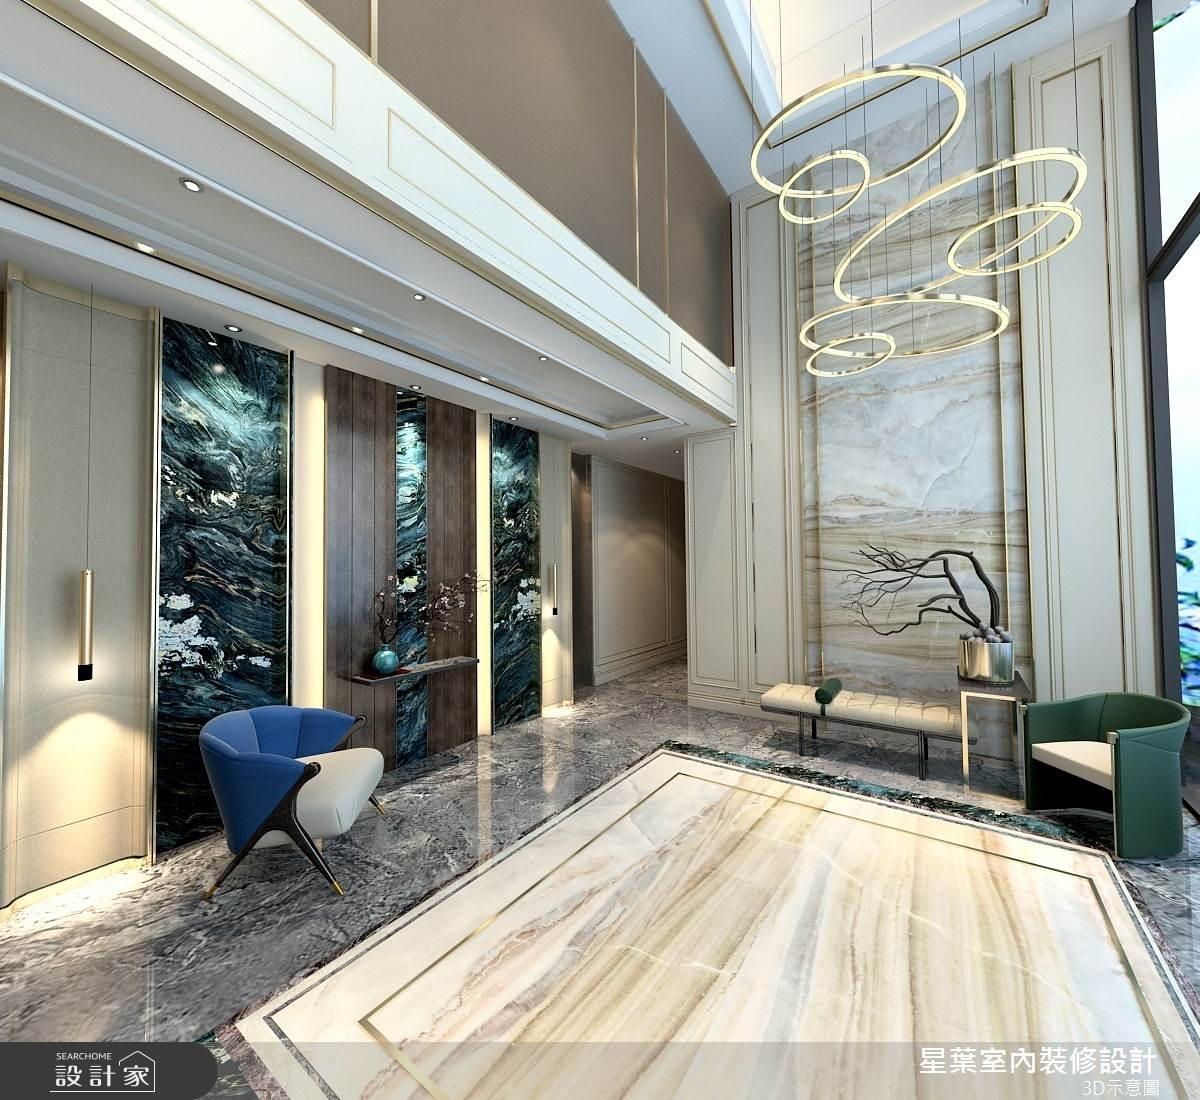 63坪新成屋(5年以下)_奢華風案例圖片_星葉室內裝修設計_星葉_40之1